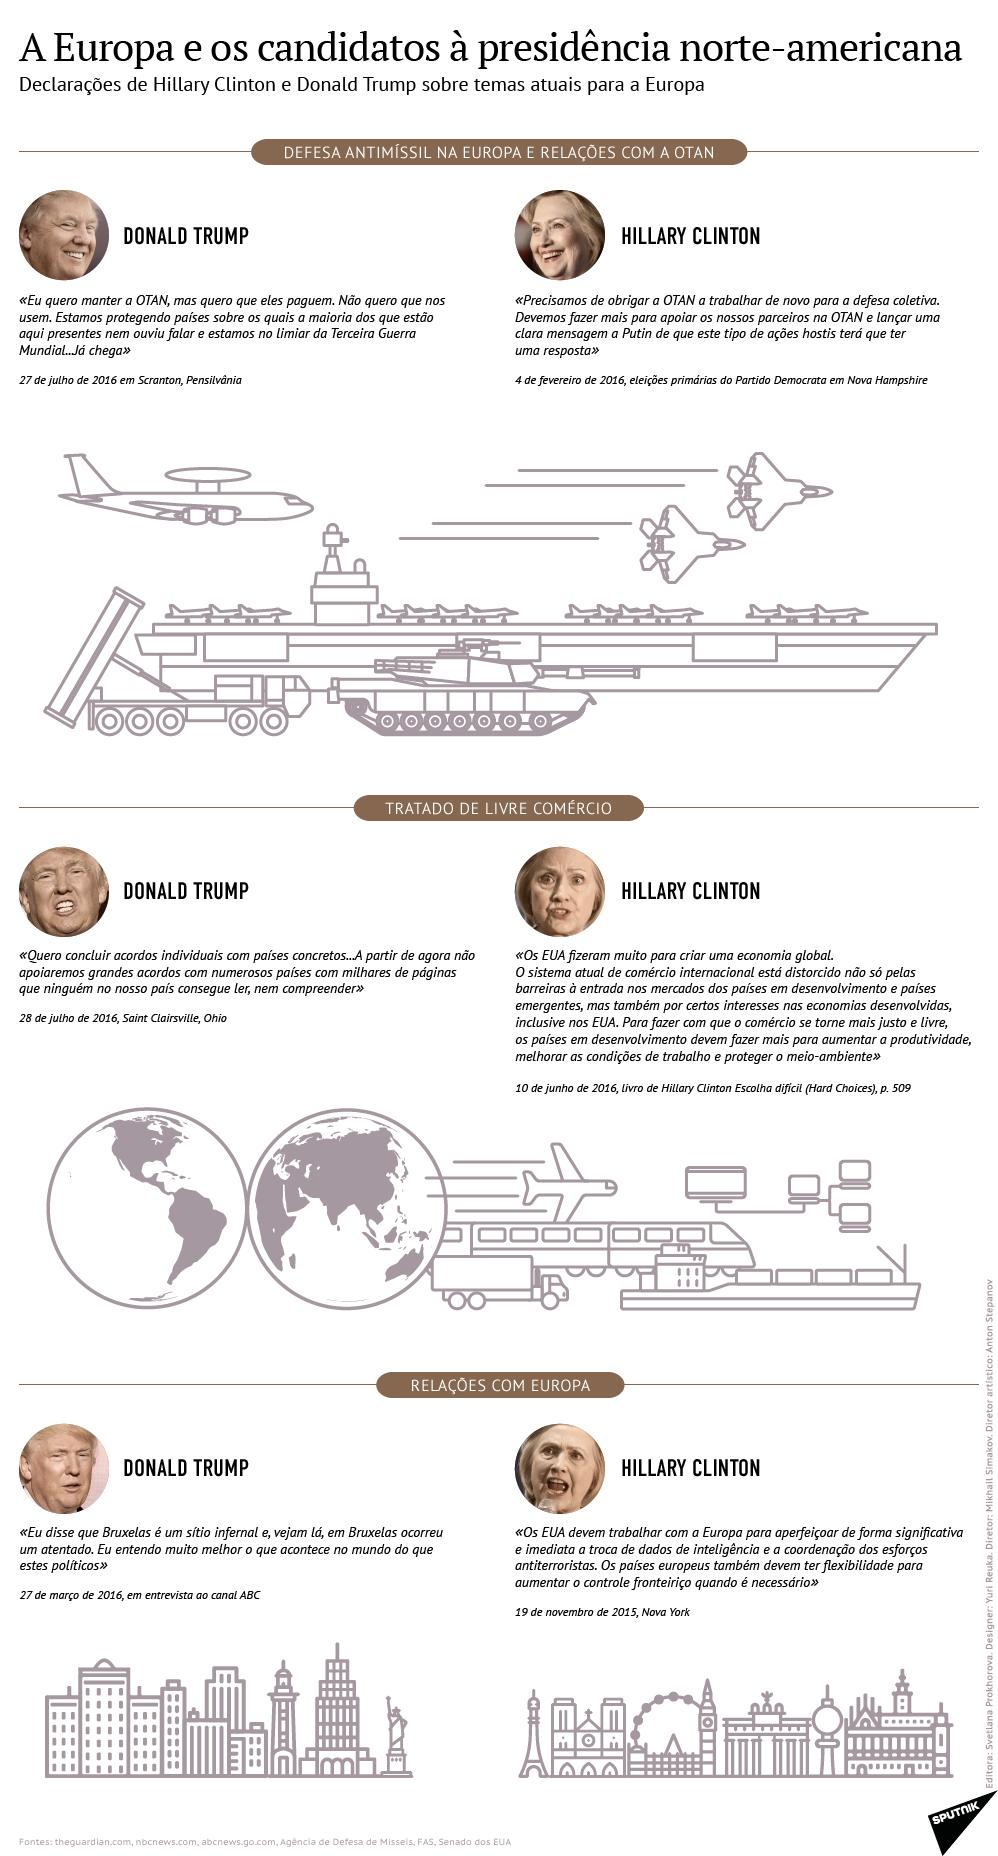 Europa e os candidatos à presidência norte-americana